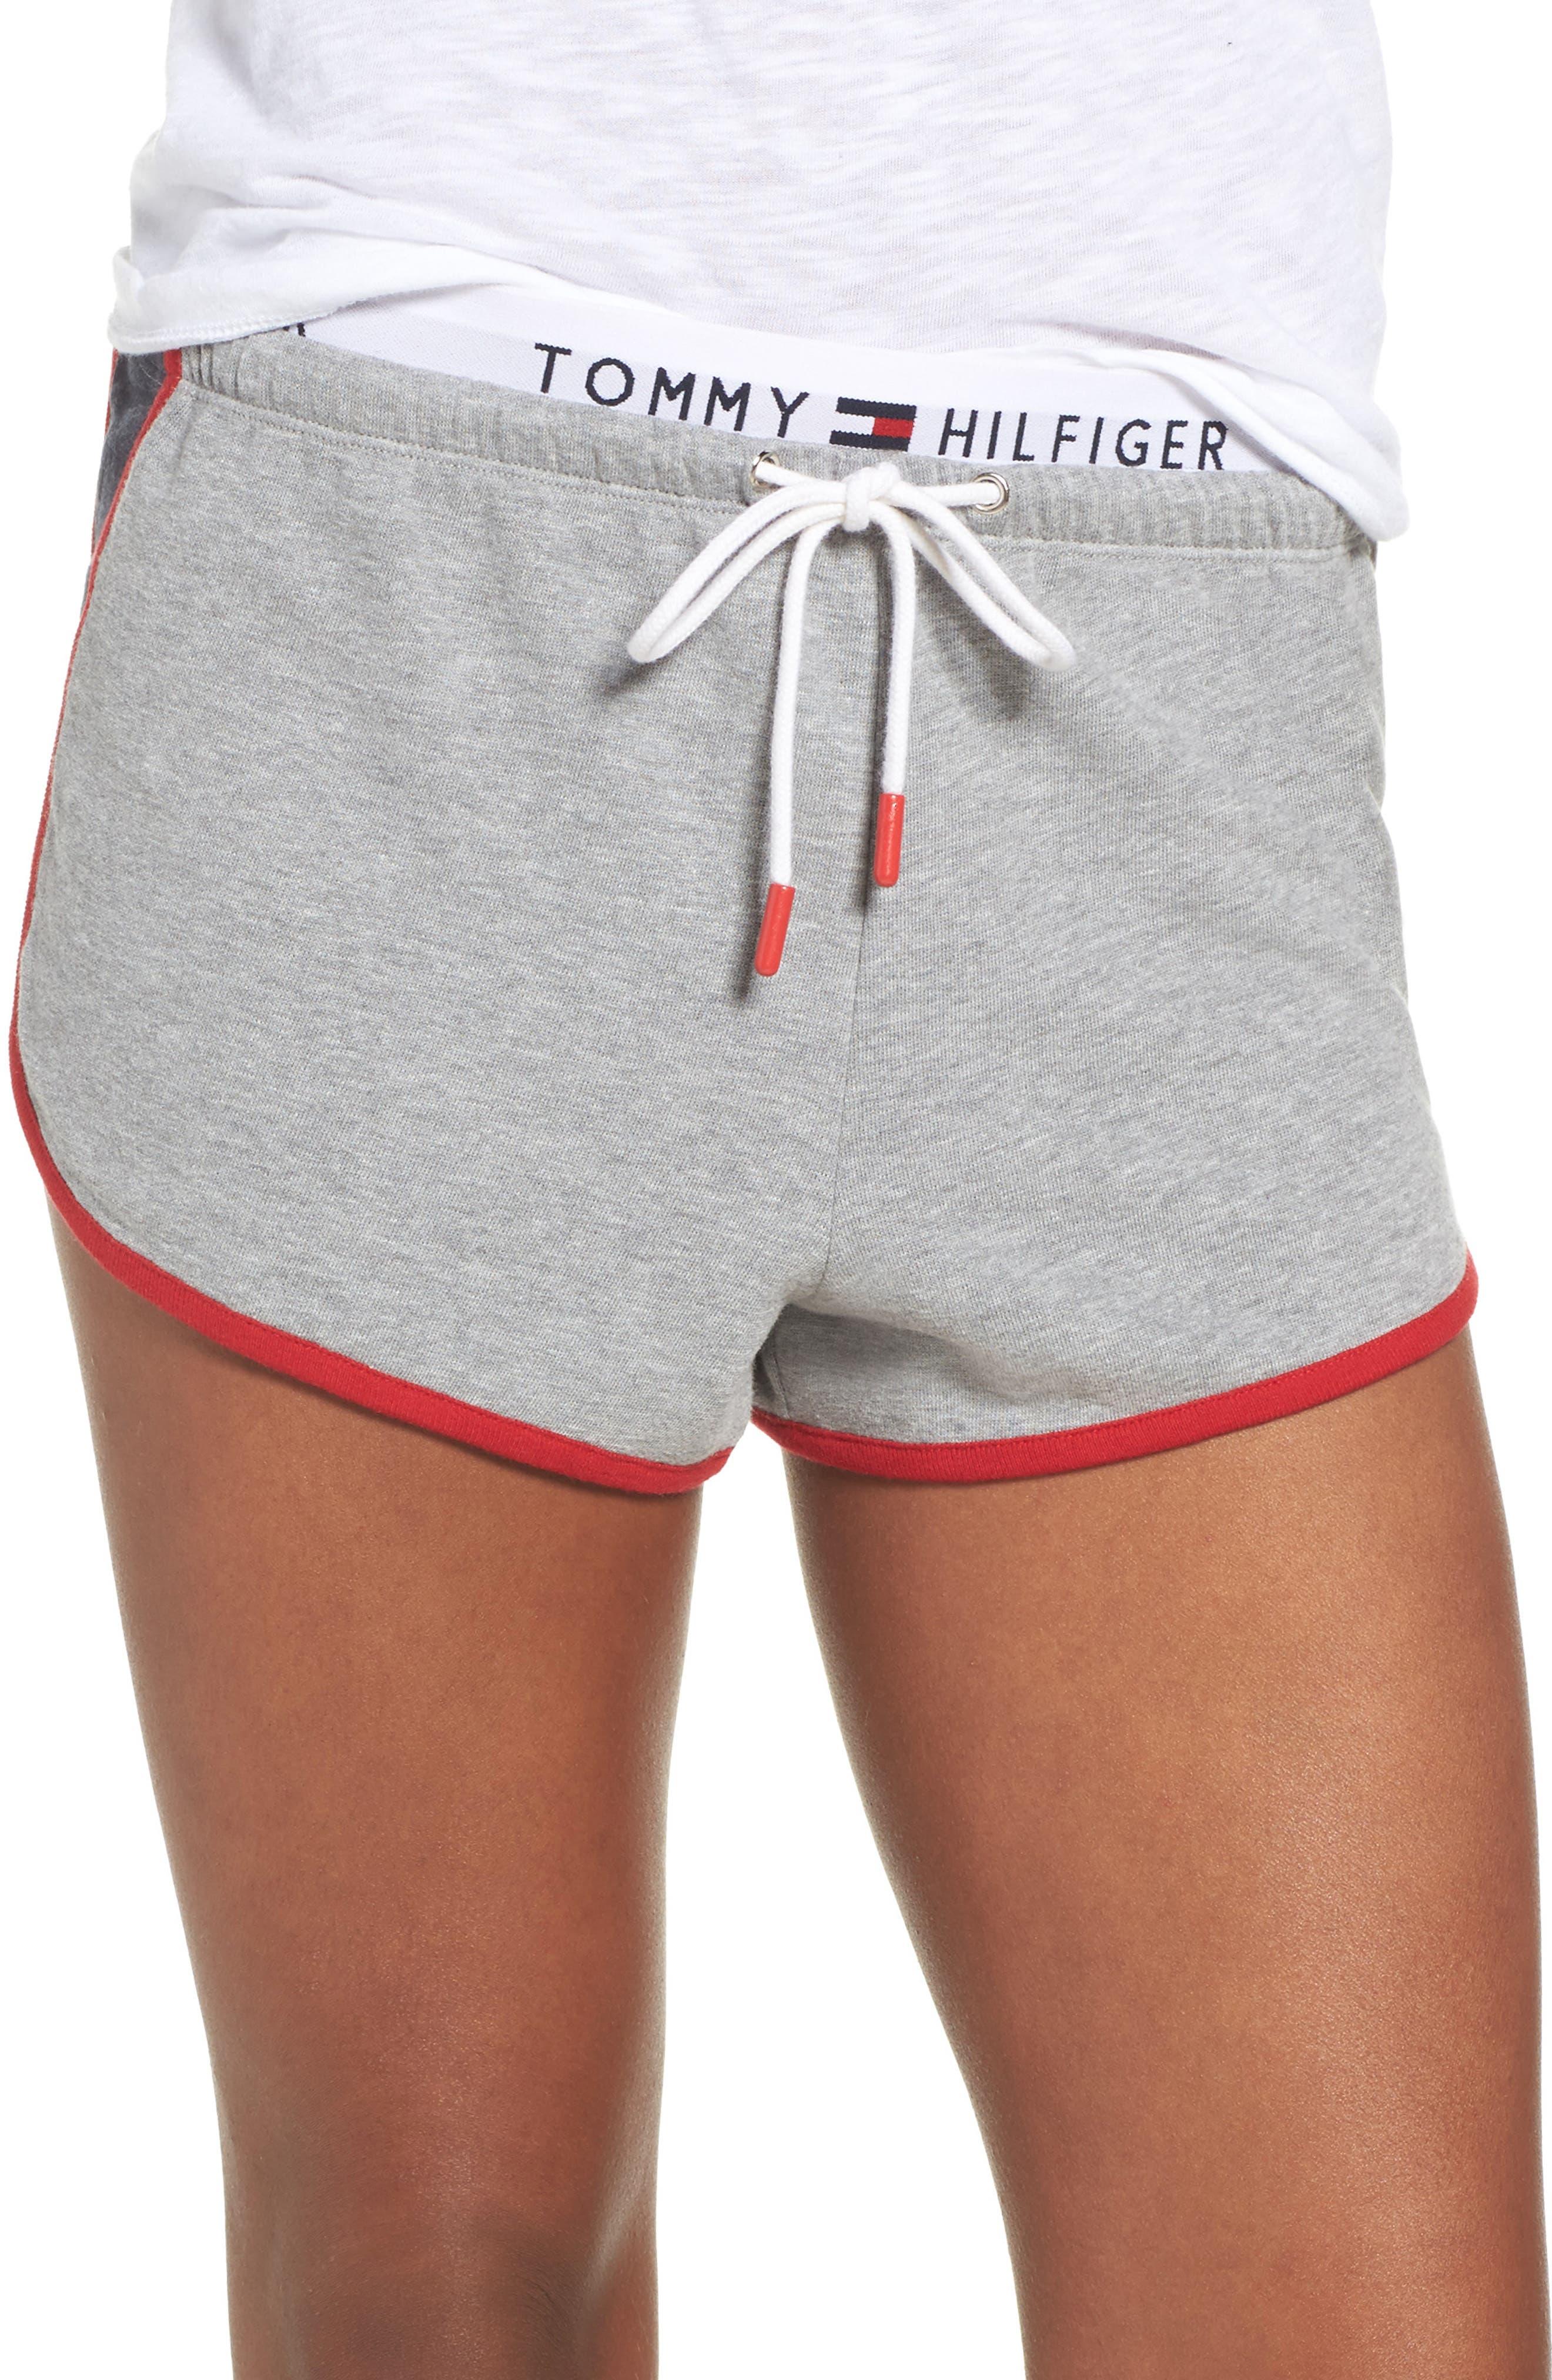 TH Retro Shorts,                             Main thumbnail 1, color,